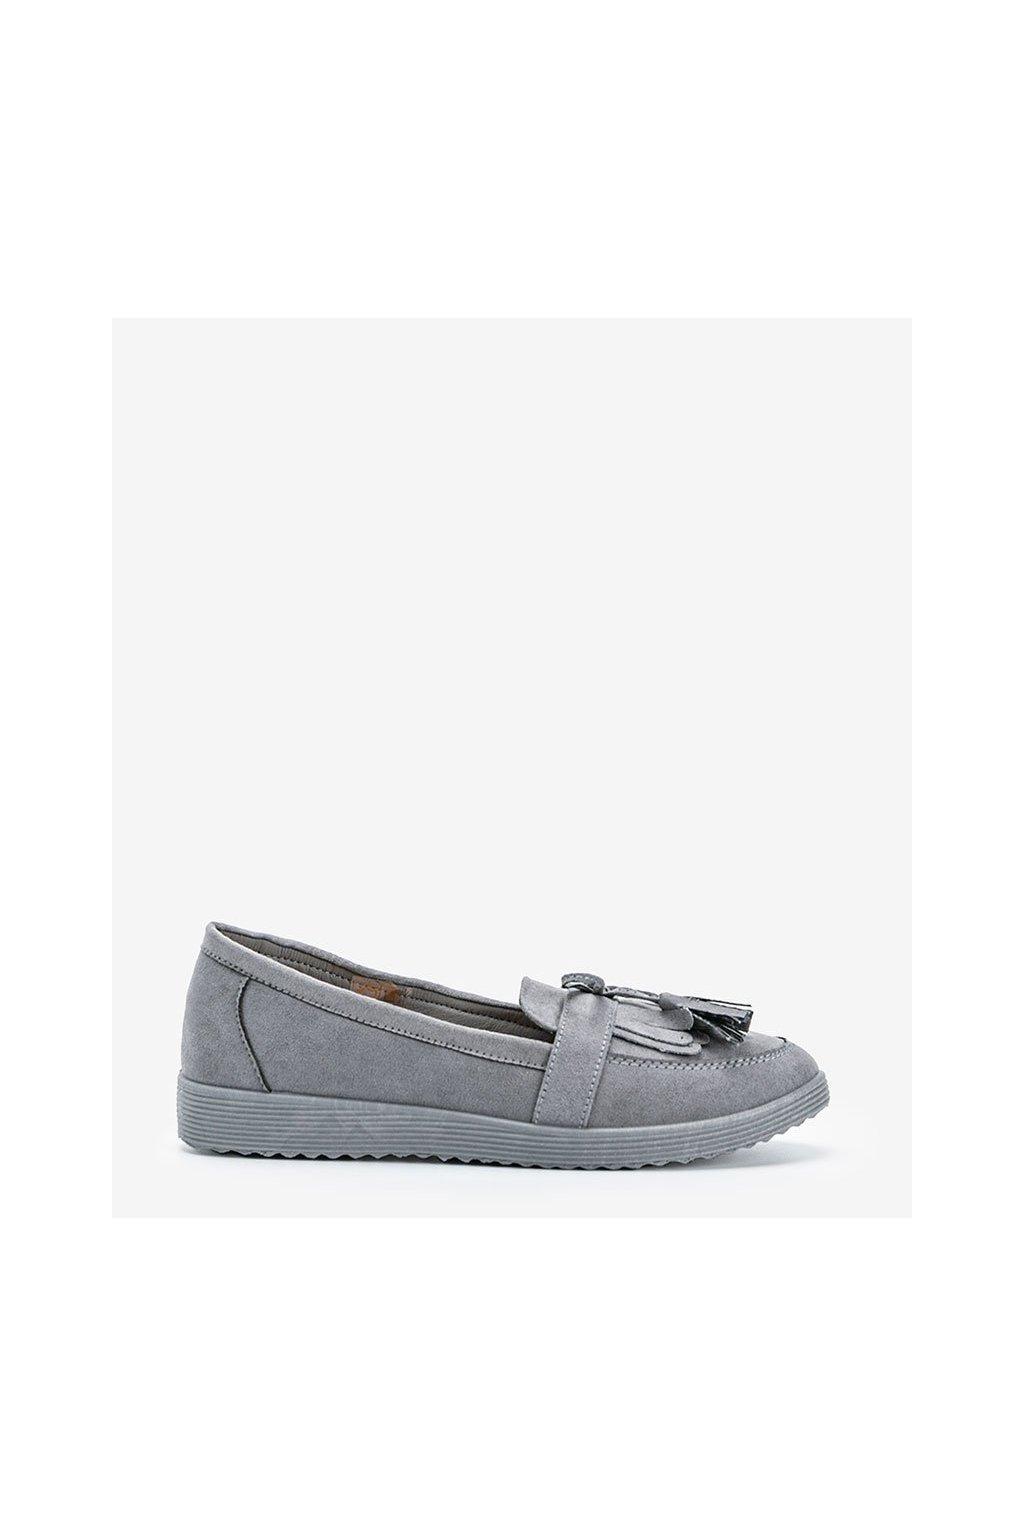 Dámske topánky mokasíny sivé kód DD1815-4 - GM